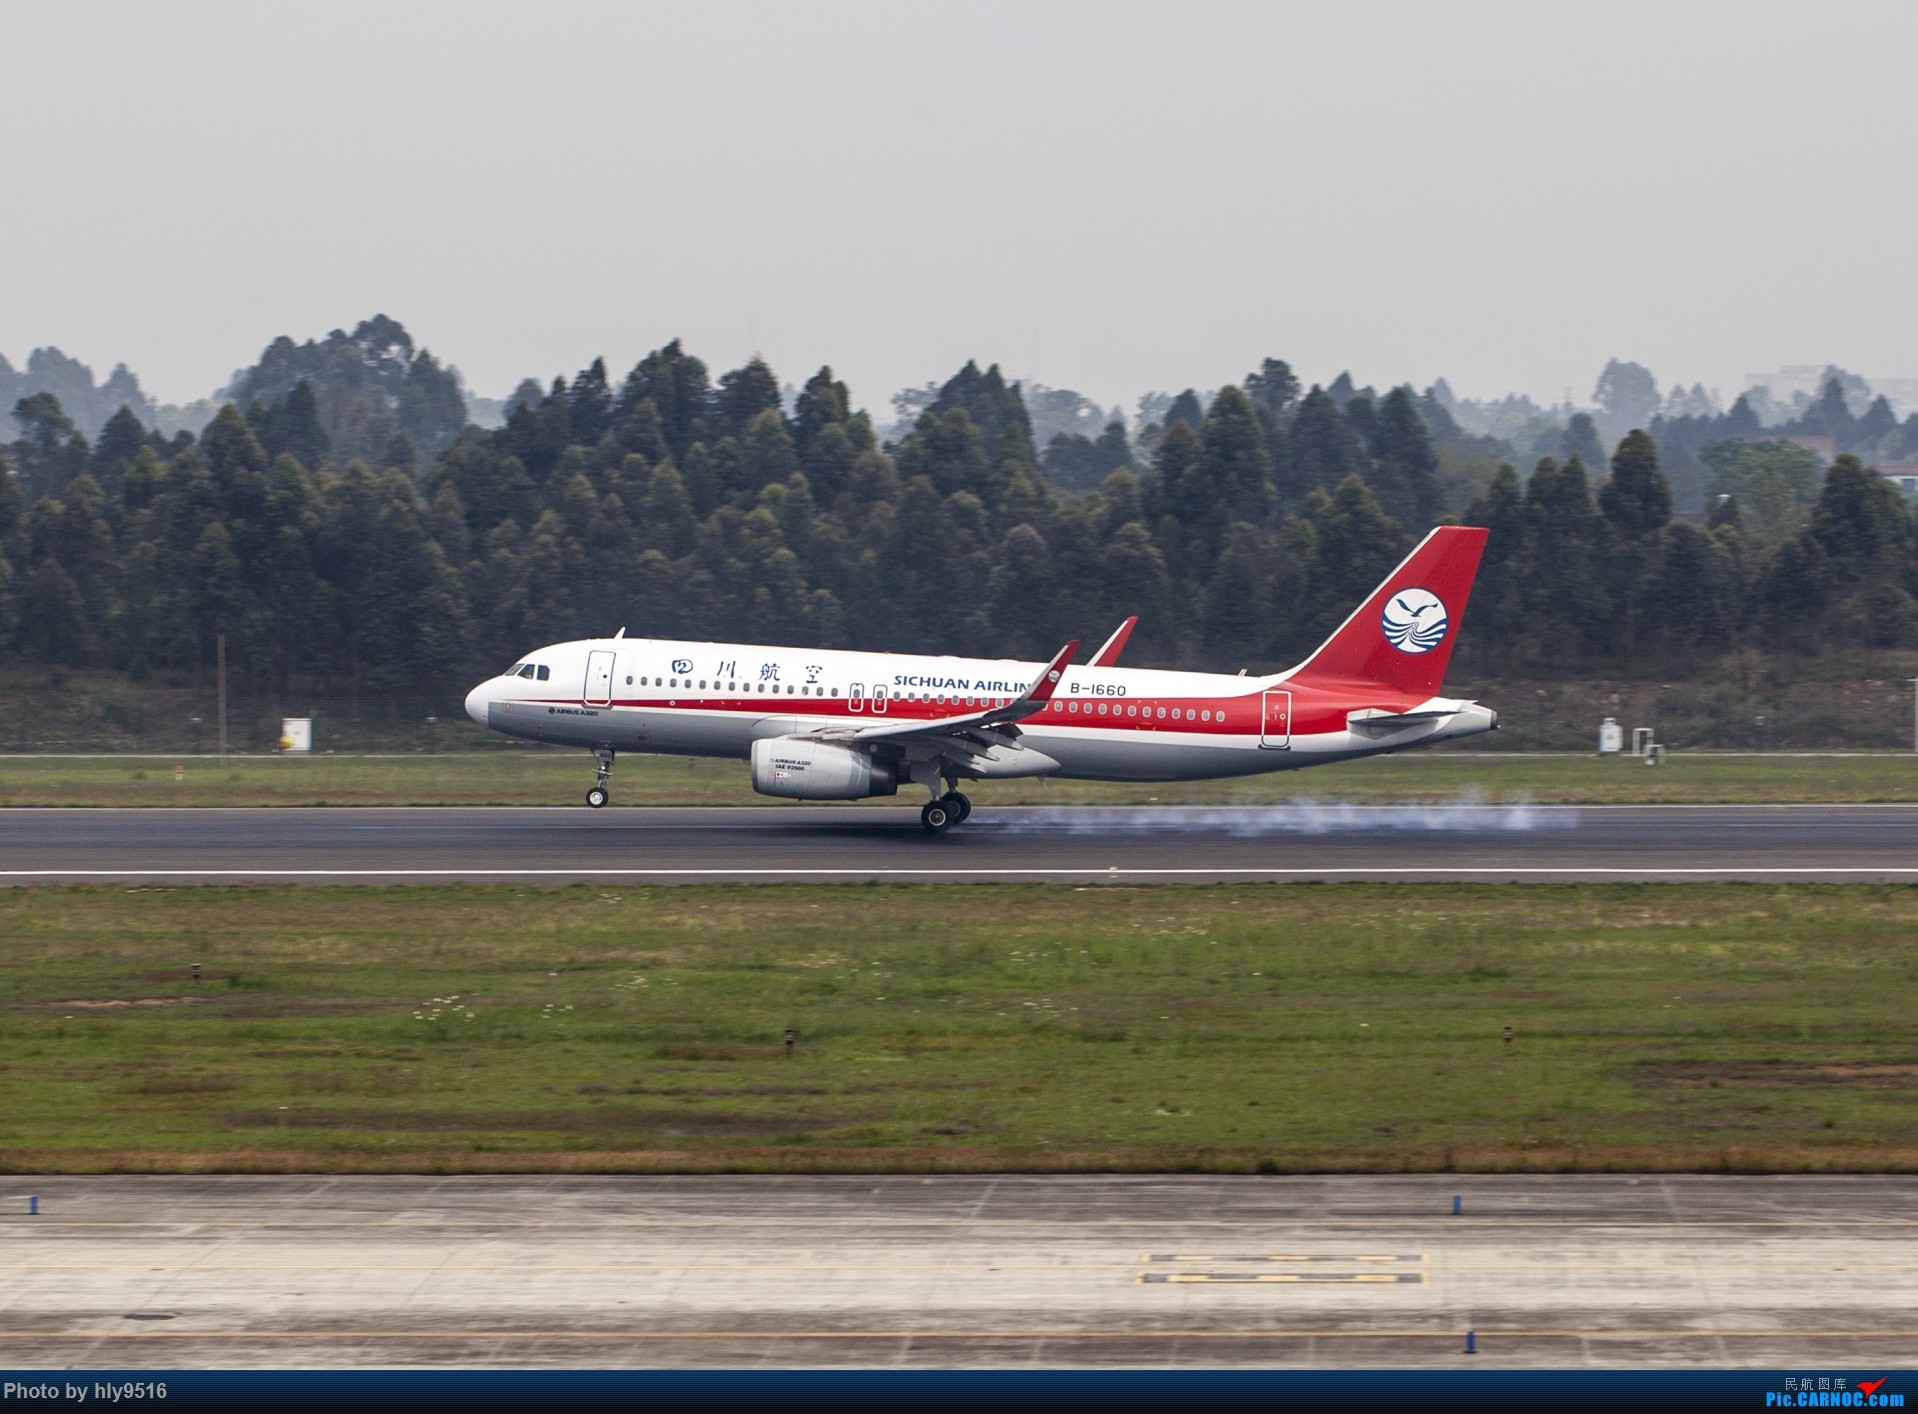 Re:[原创]【CTU】终于解决了大怨念南航A380 偶遇长荣新涂装 两次复飞 小怨念若干 AIRBUS A320-200 B-1660 中国成都双流国际机场